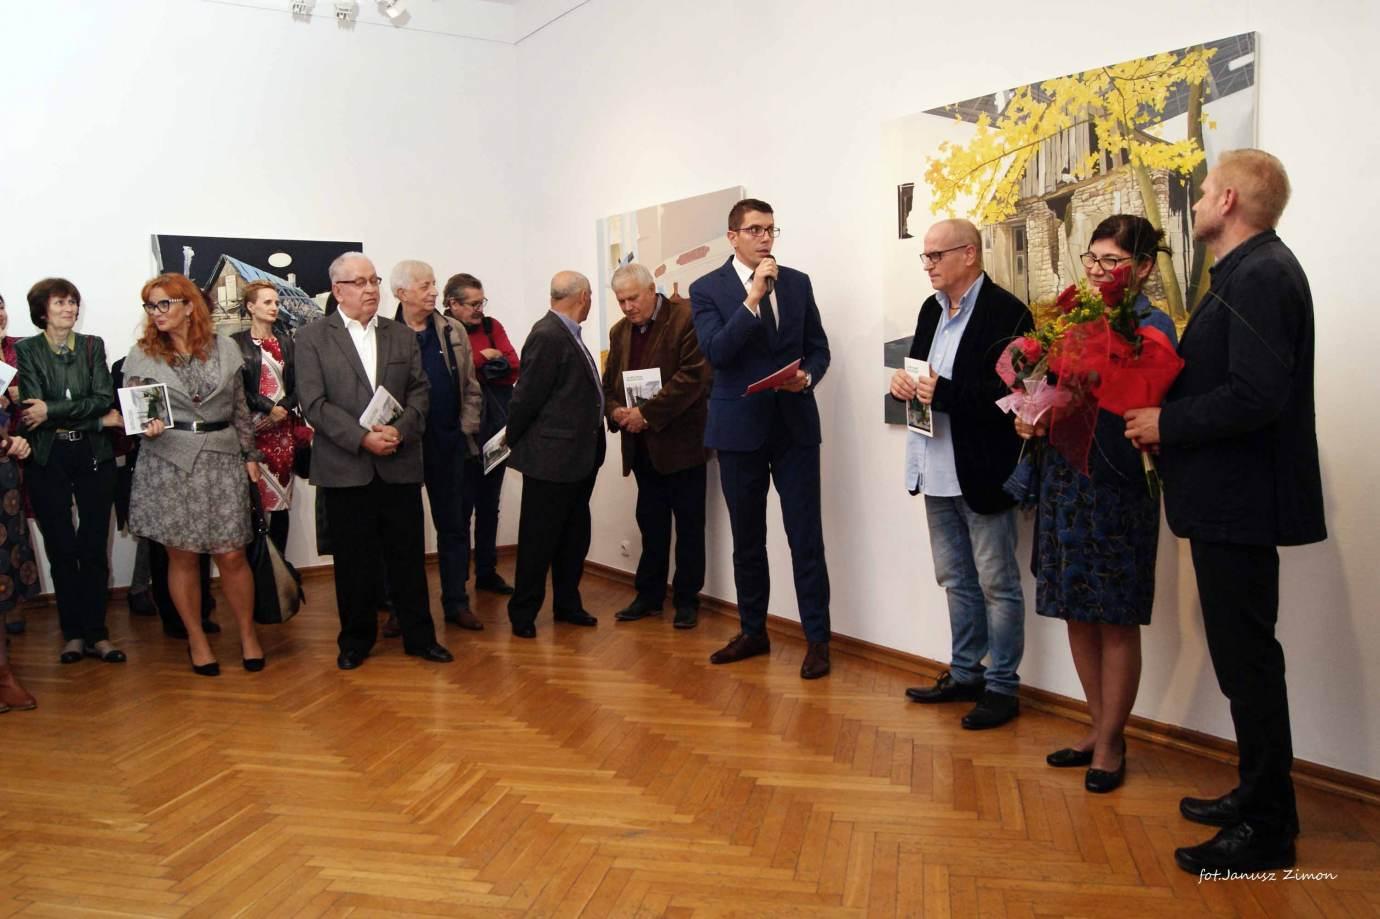 piotr tymochowicz bwa galeria zamojska fot janusz zimon 18 Zamość: Wernisaż wystawy Piotra Tymochowicza